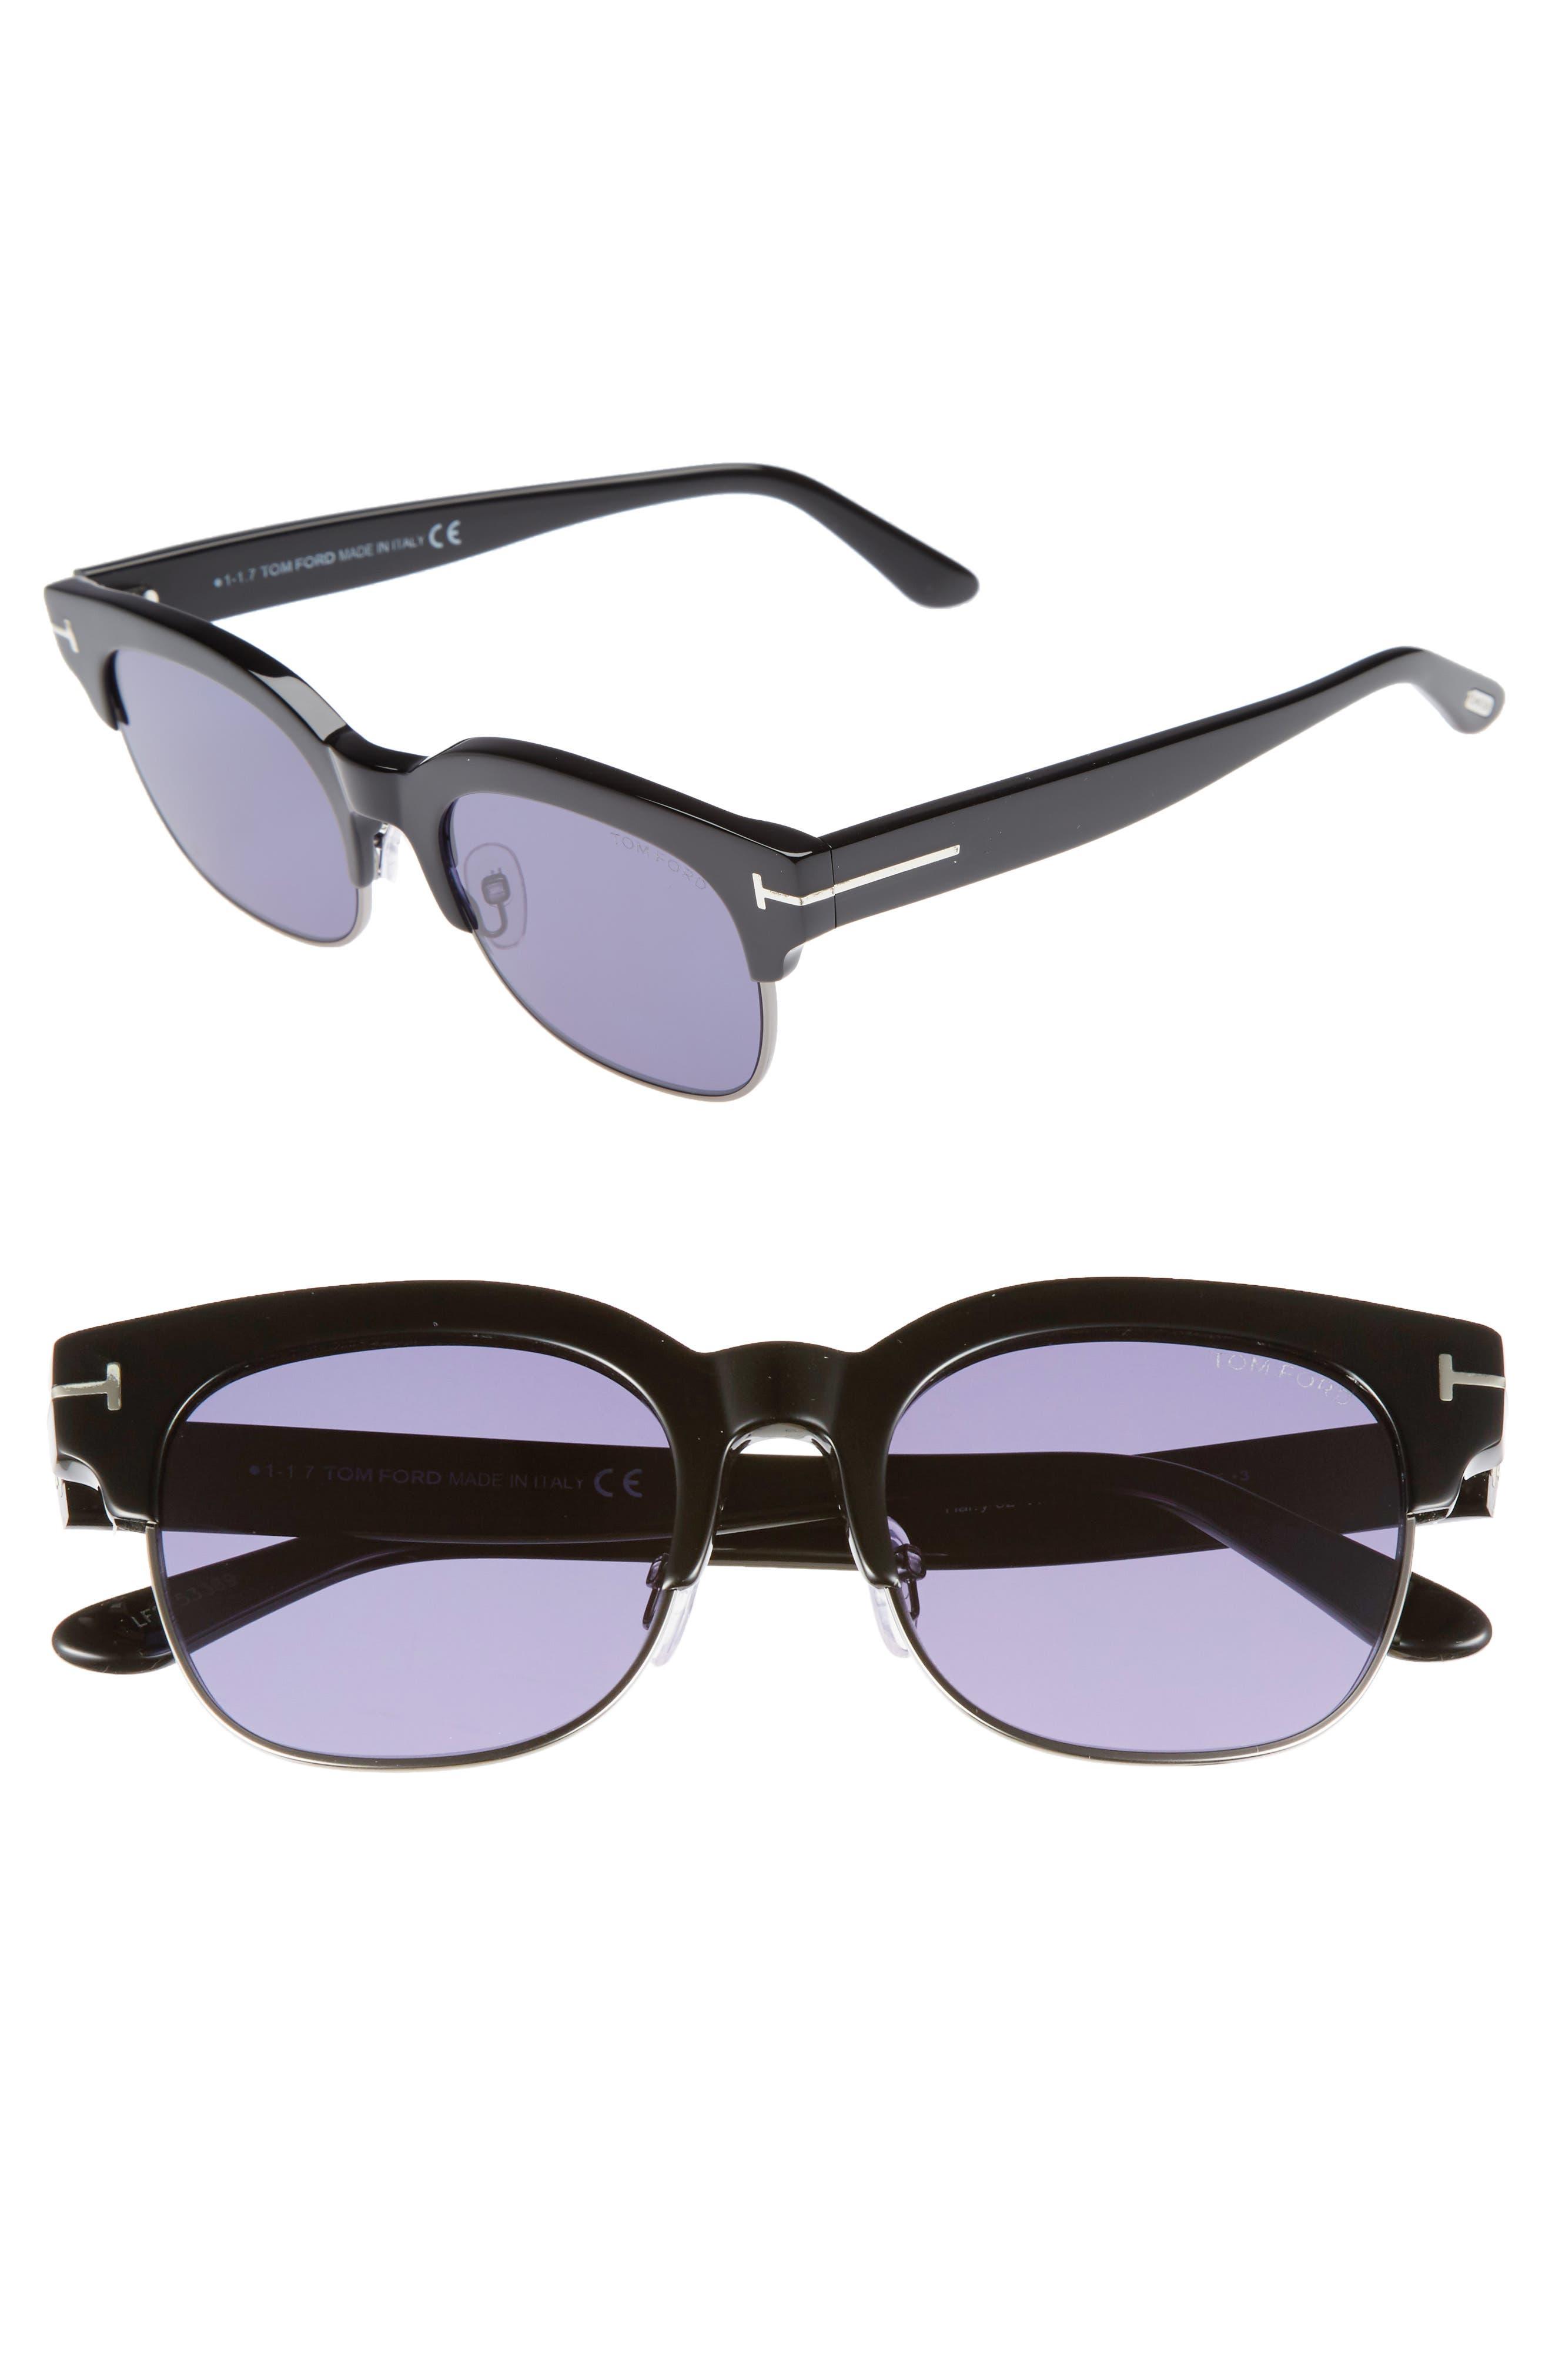 Harry 53mm Half-Rim Sunglasses,                         Main,                         color, BLACK/ DARK RUTHENIUM/ BLUE